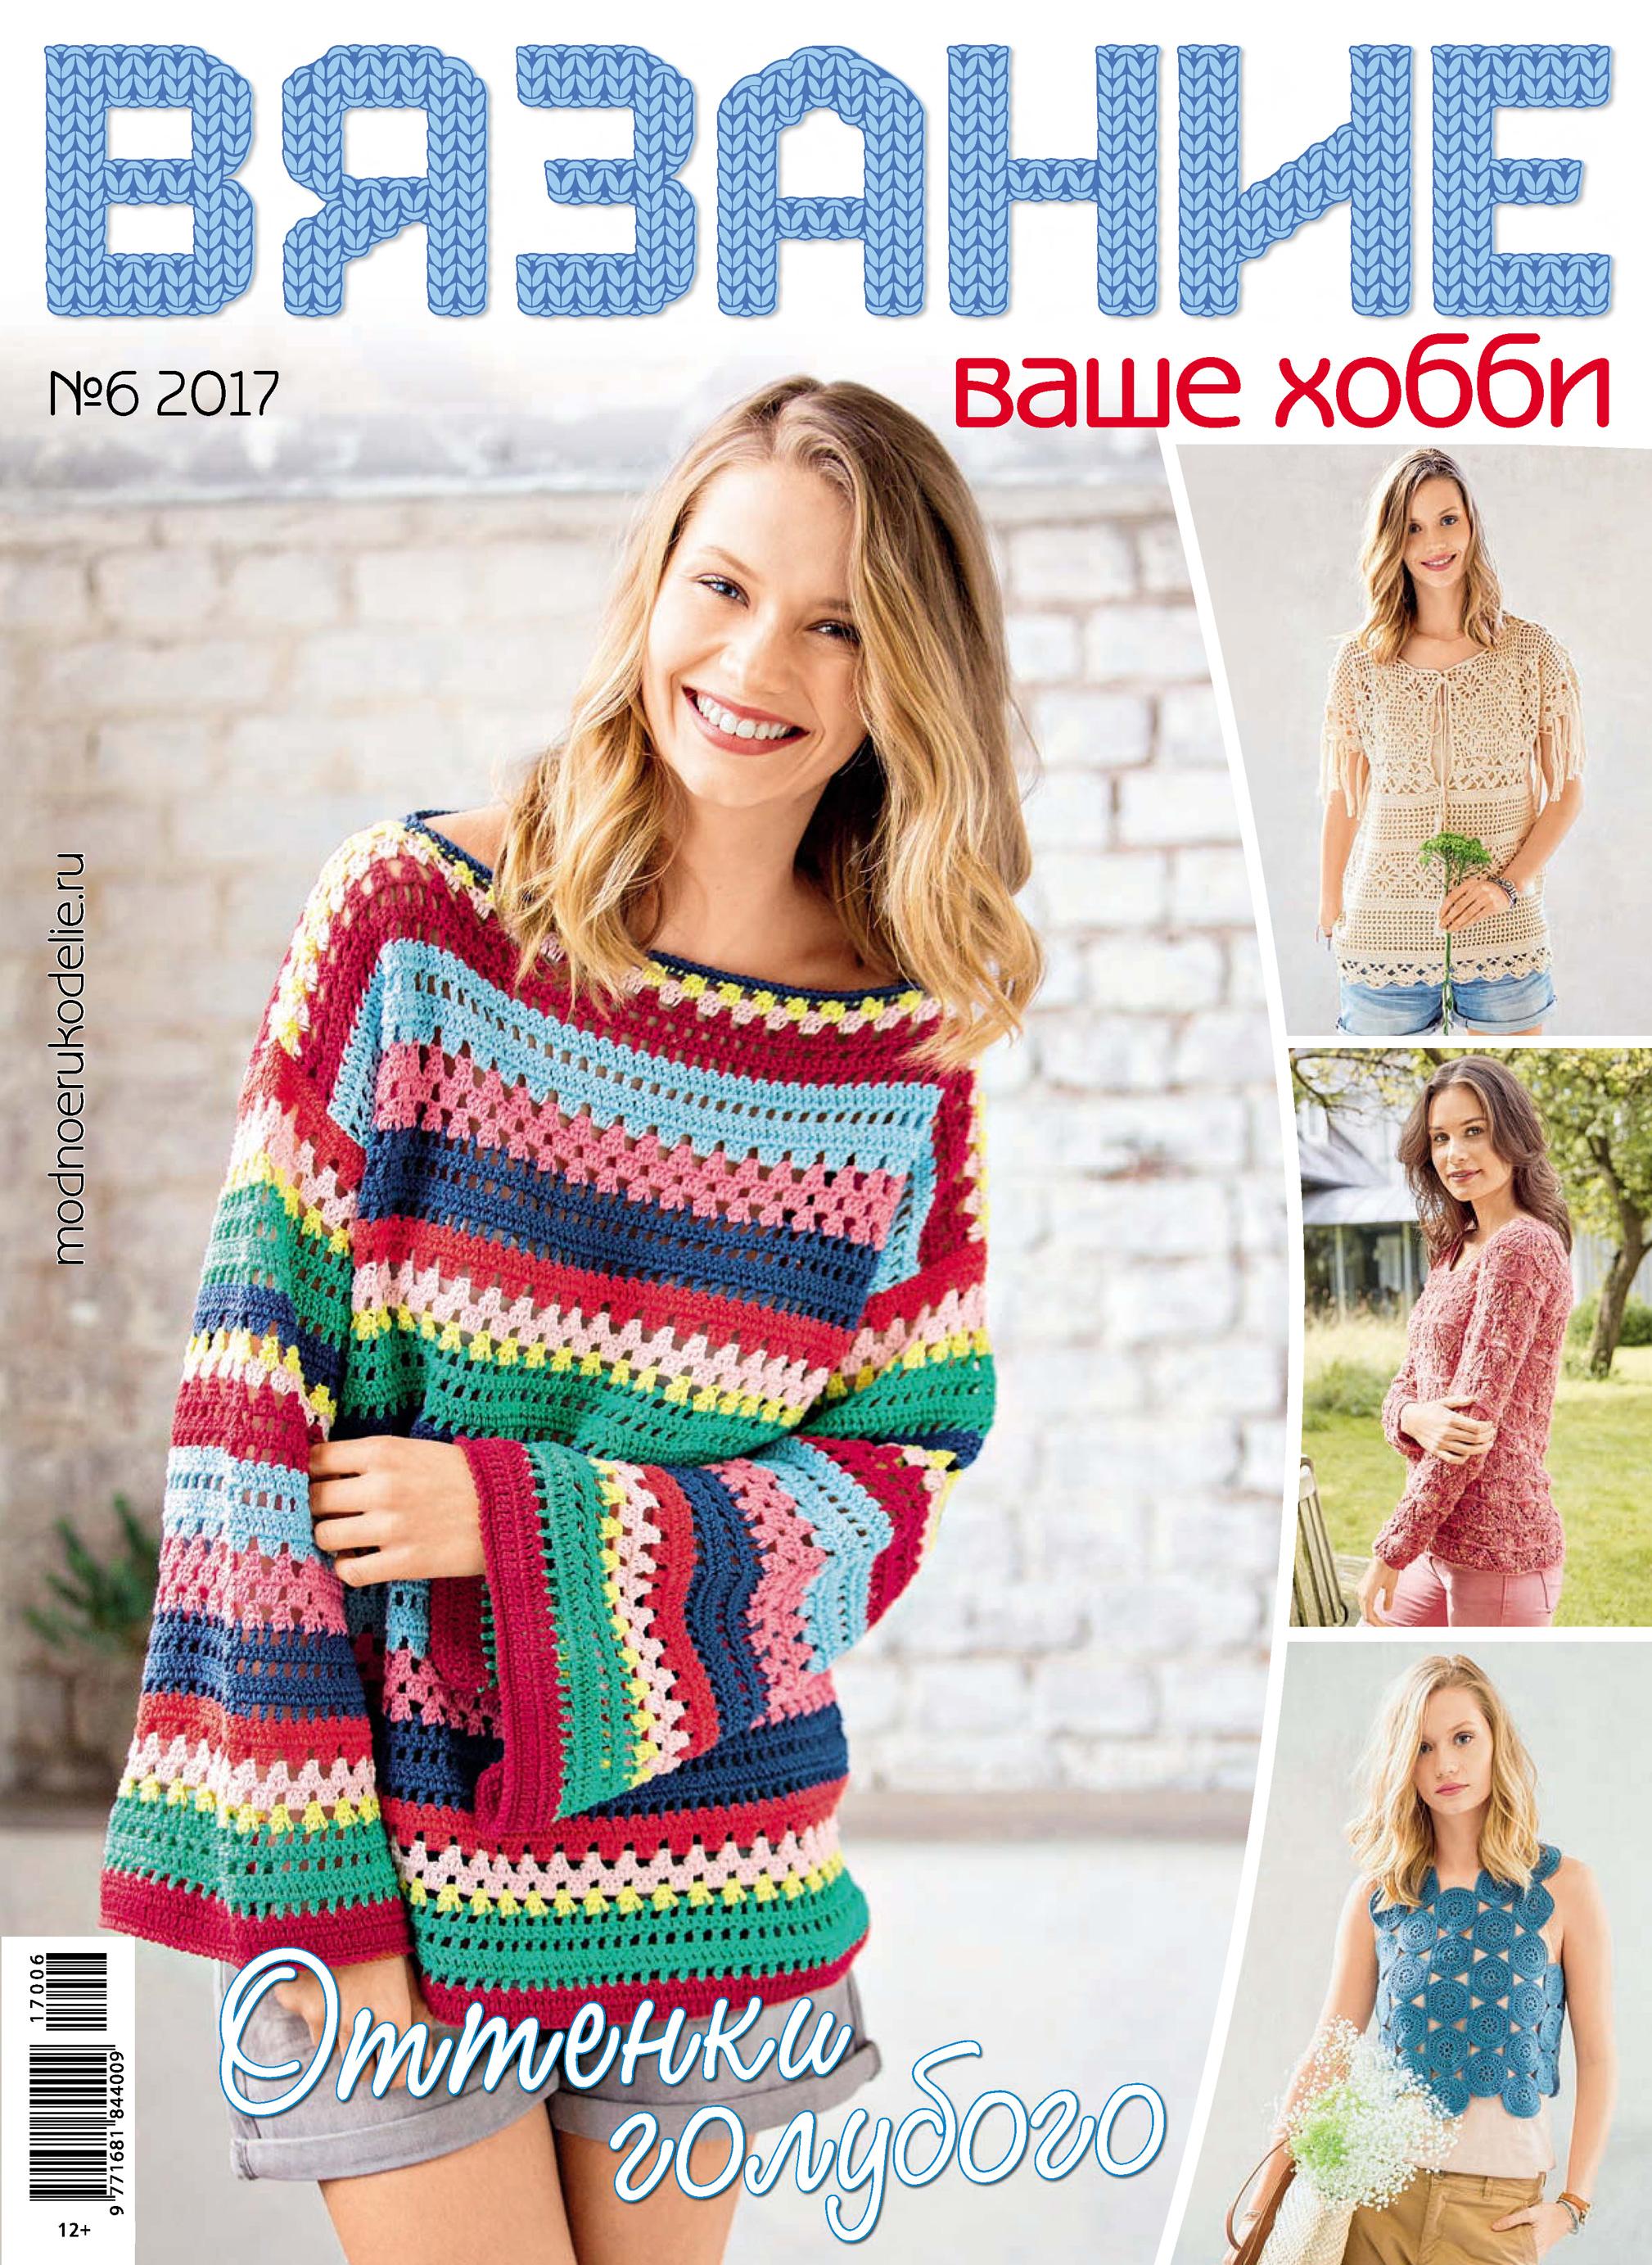 Отсутствует Вязание – ваше хобби №6/2017 отсутствует вязание – ваше хобби дети 6 2017